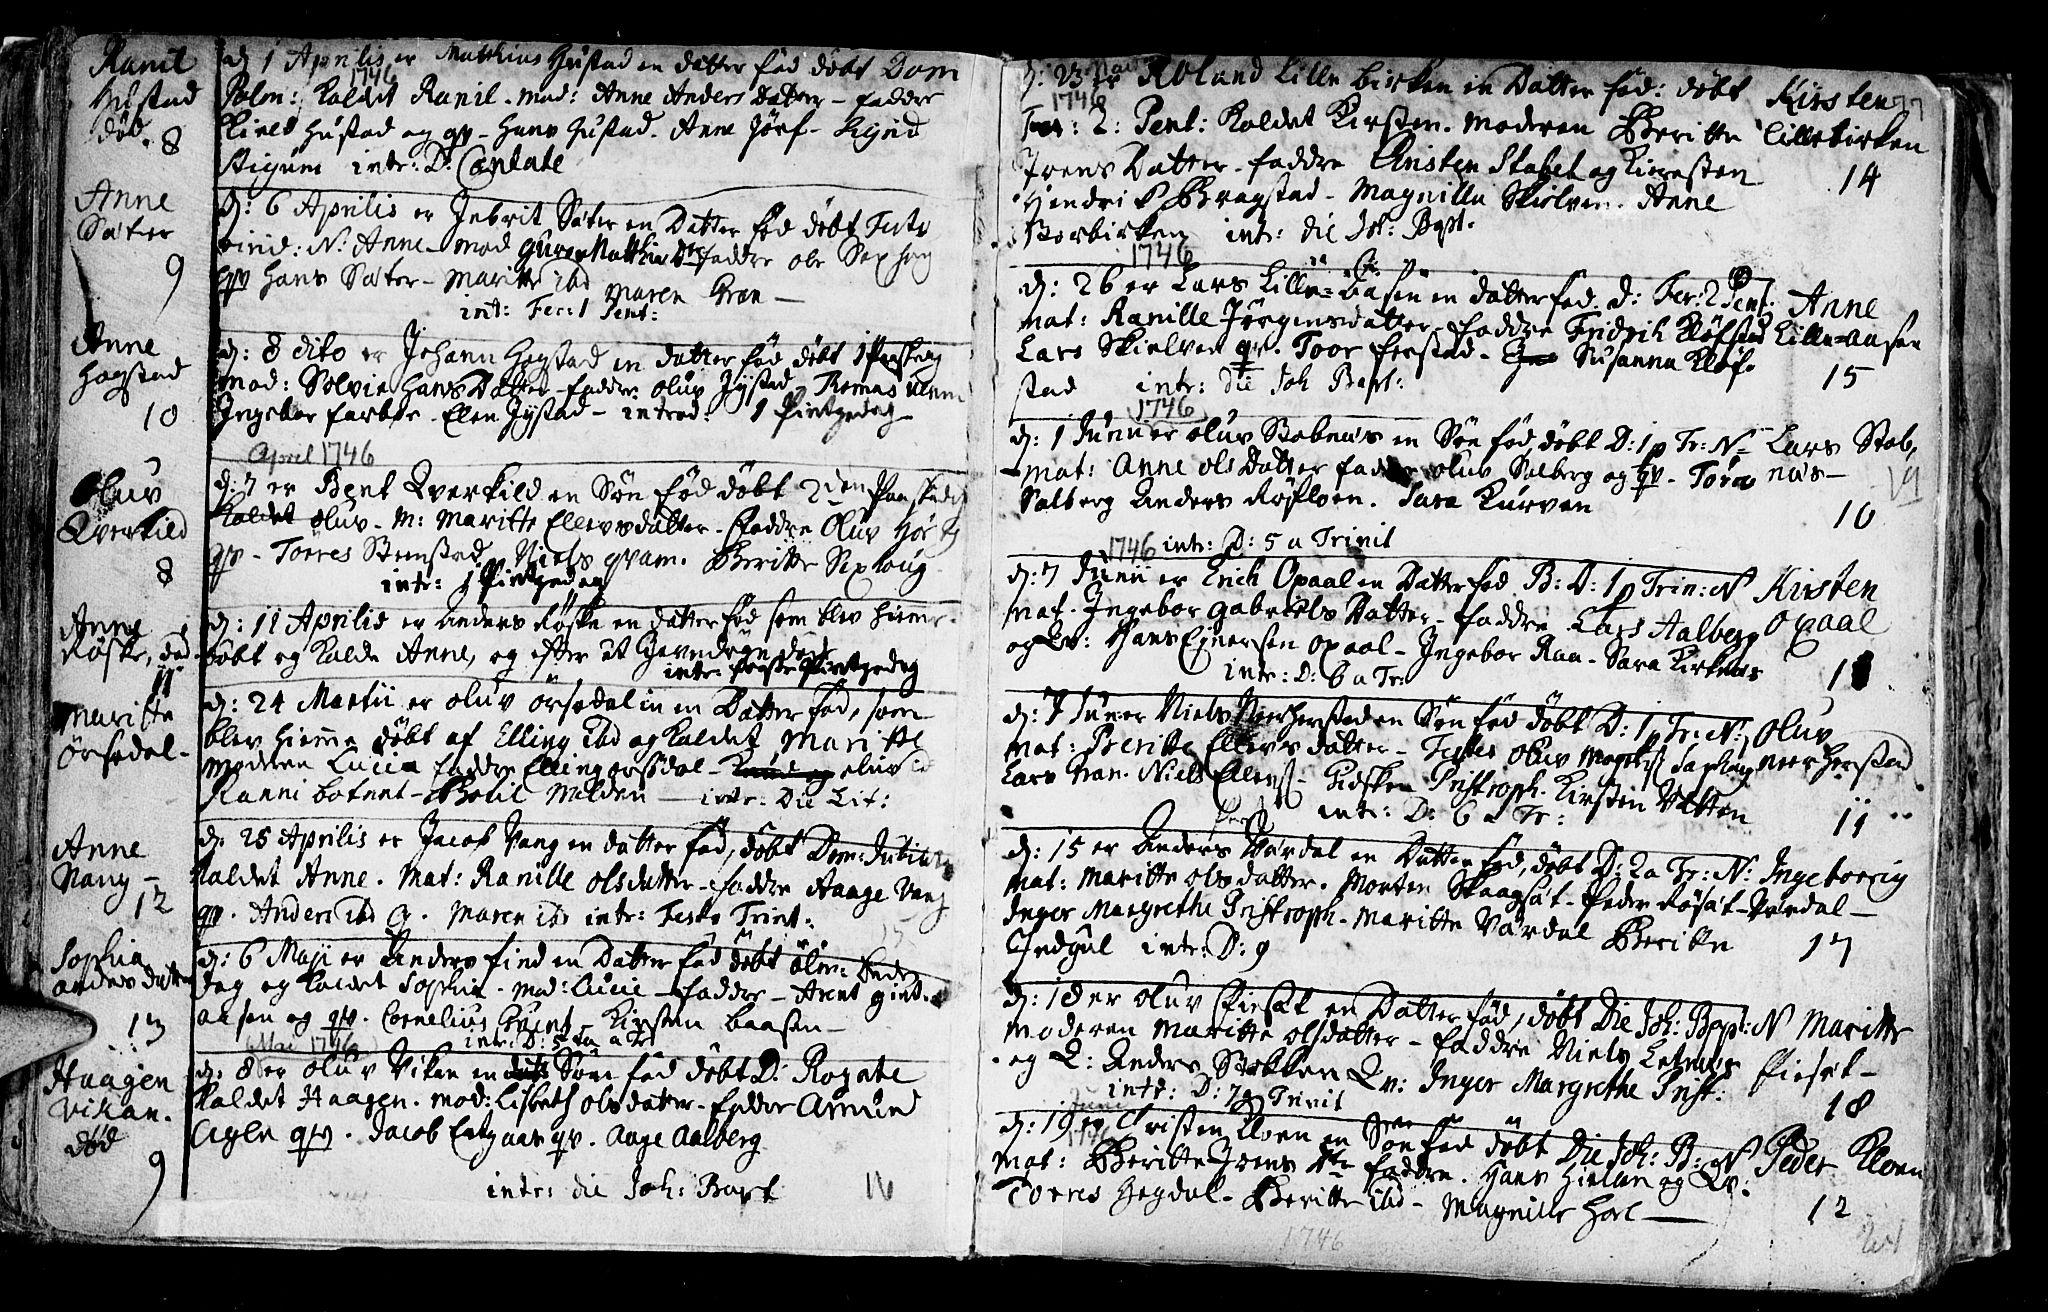 SAT, Ministerialprotokoller, klokkerbøker og fødselsregistre - Nord-Trøndelag, 730/L0272: Ministerialbok nr. 730A01, 1733-1764, s. 77